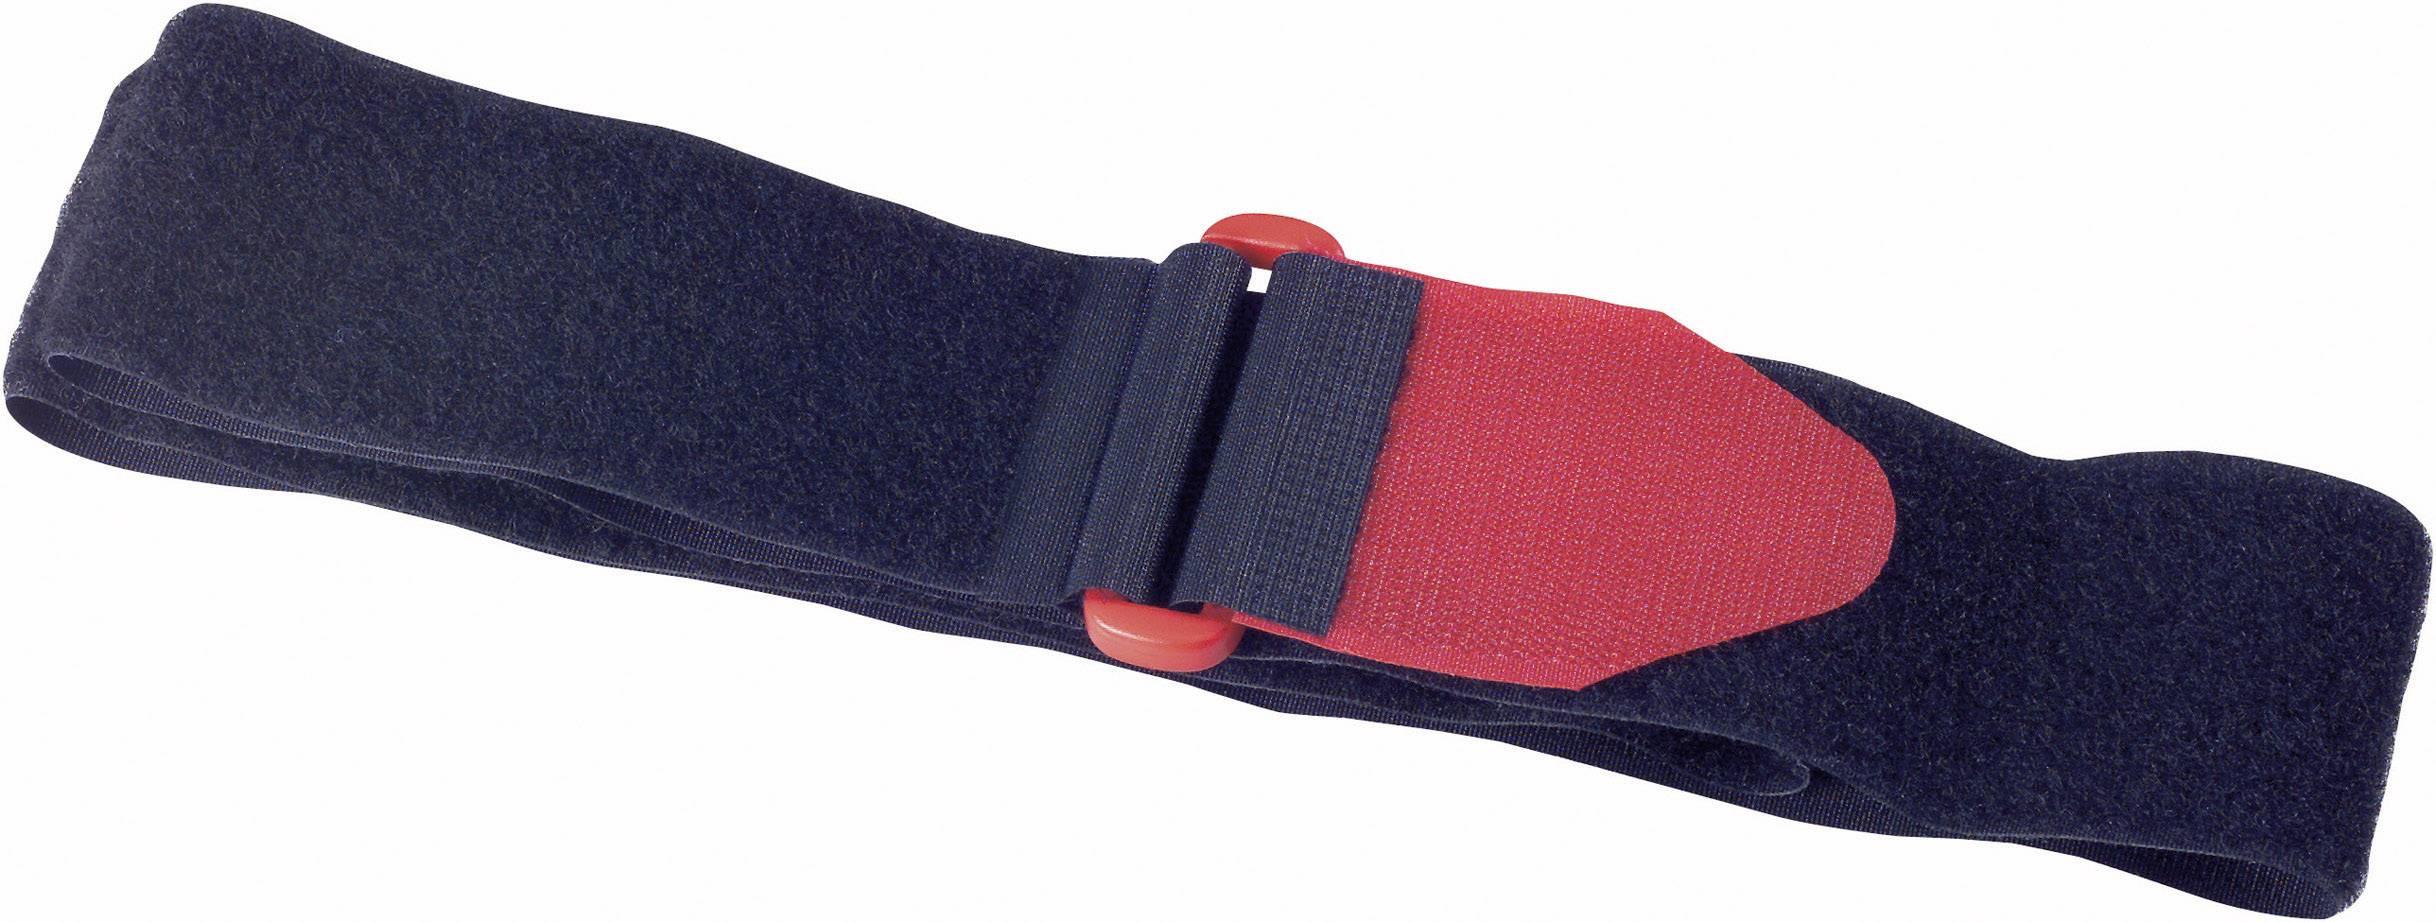 Stahovací páska na suchý zip se sponou Fastech 906-810-Bag, 810 x 50 mm, černá, 2 ks